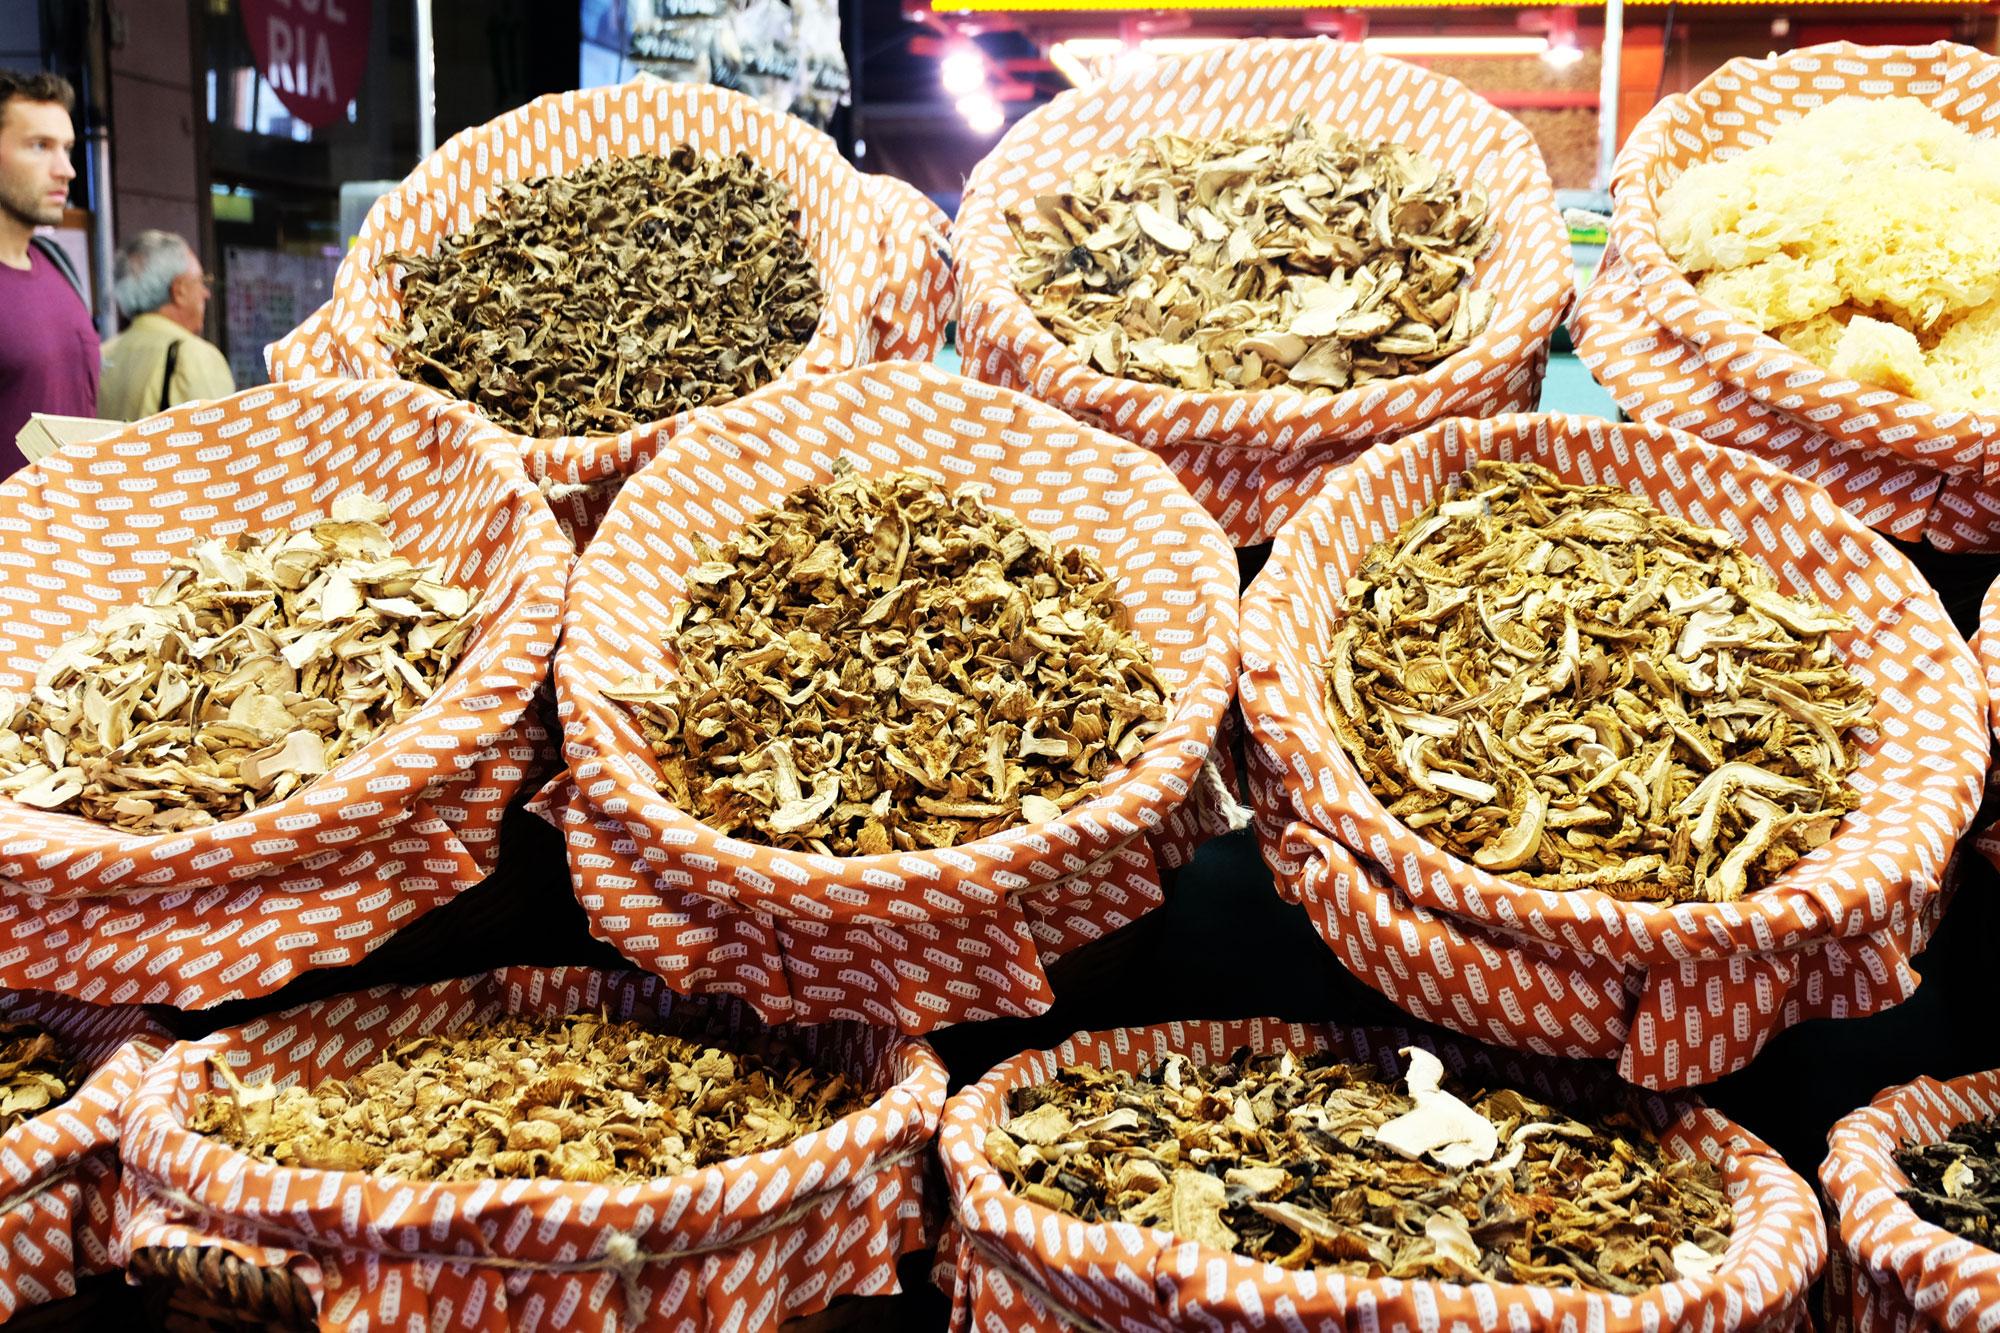 mercato-bouqueria-funghi